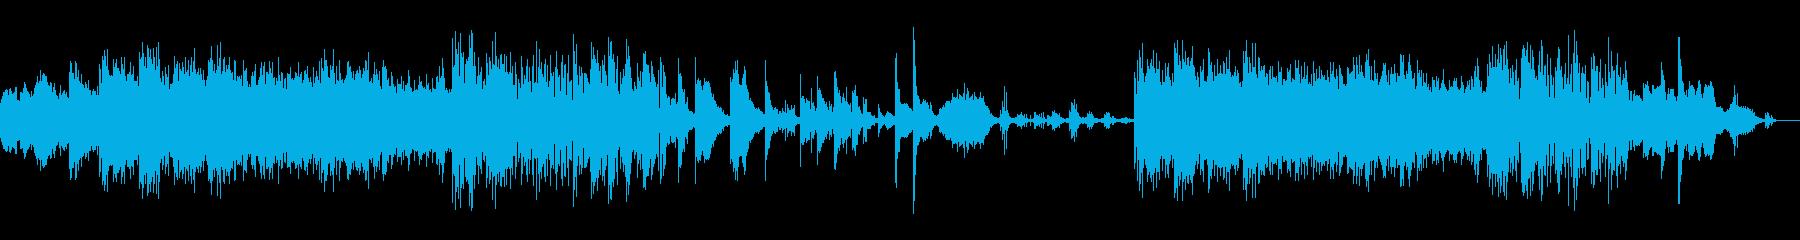 日本的なメロディーの神秘的なバラードの再生済みの波形